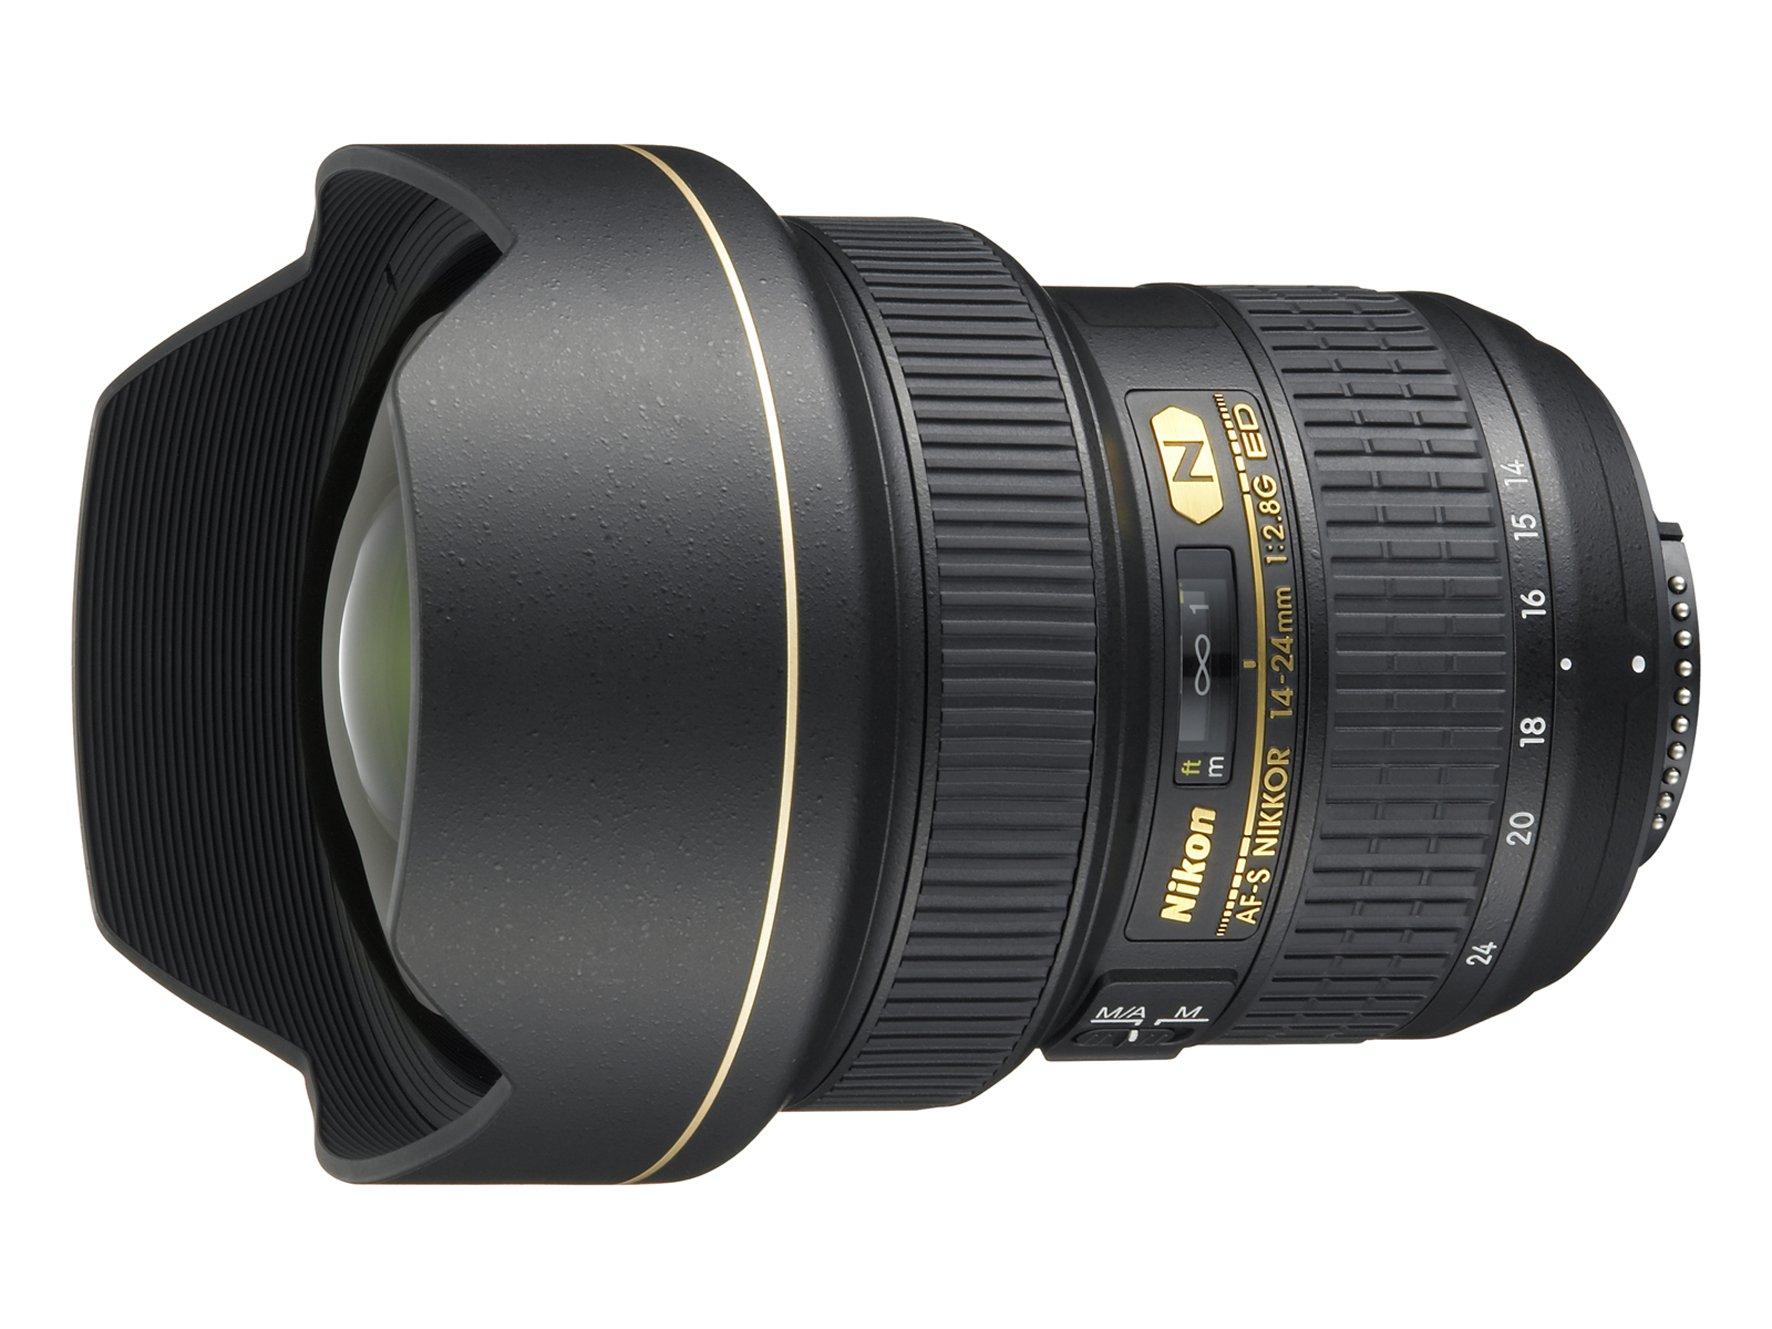 Nikon AF-S NIKKOR 14-24mm f/2.8G ED by Nikon